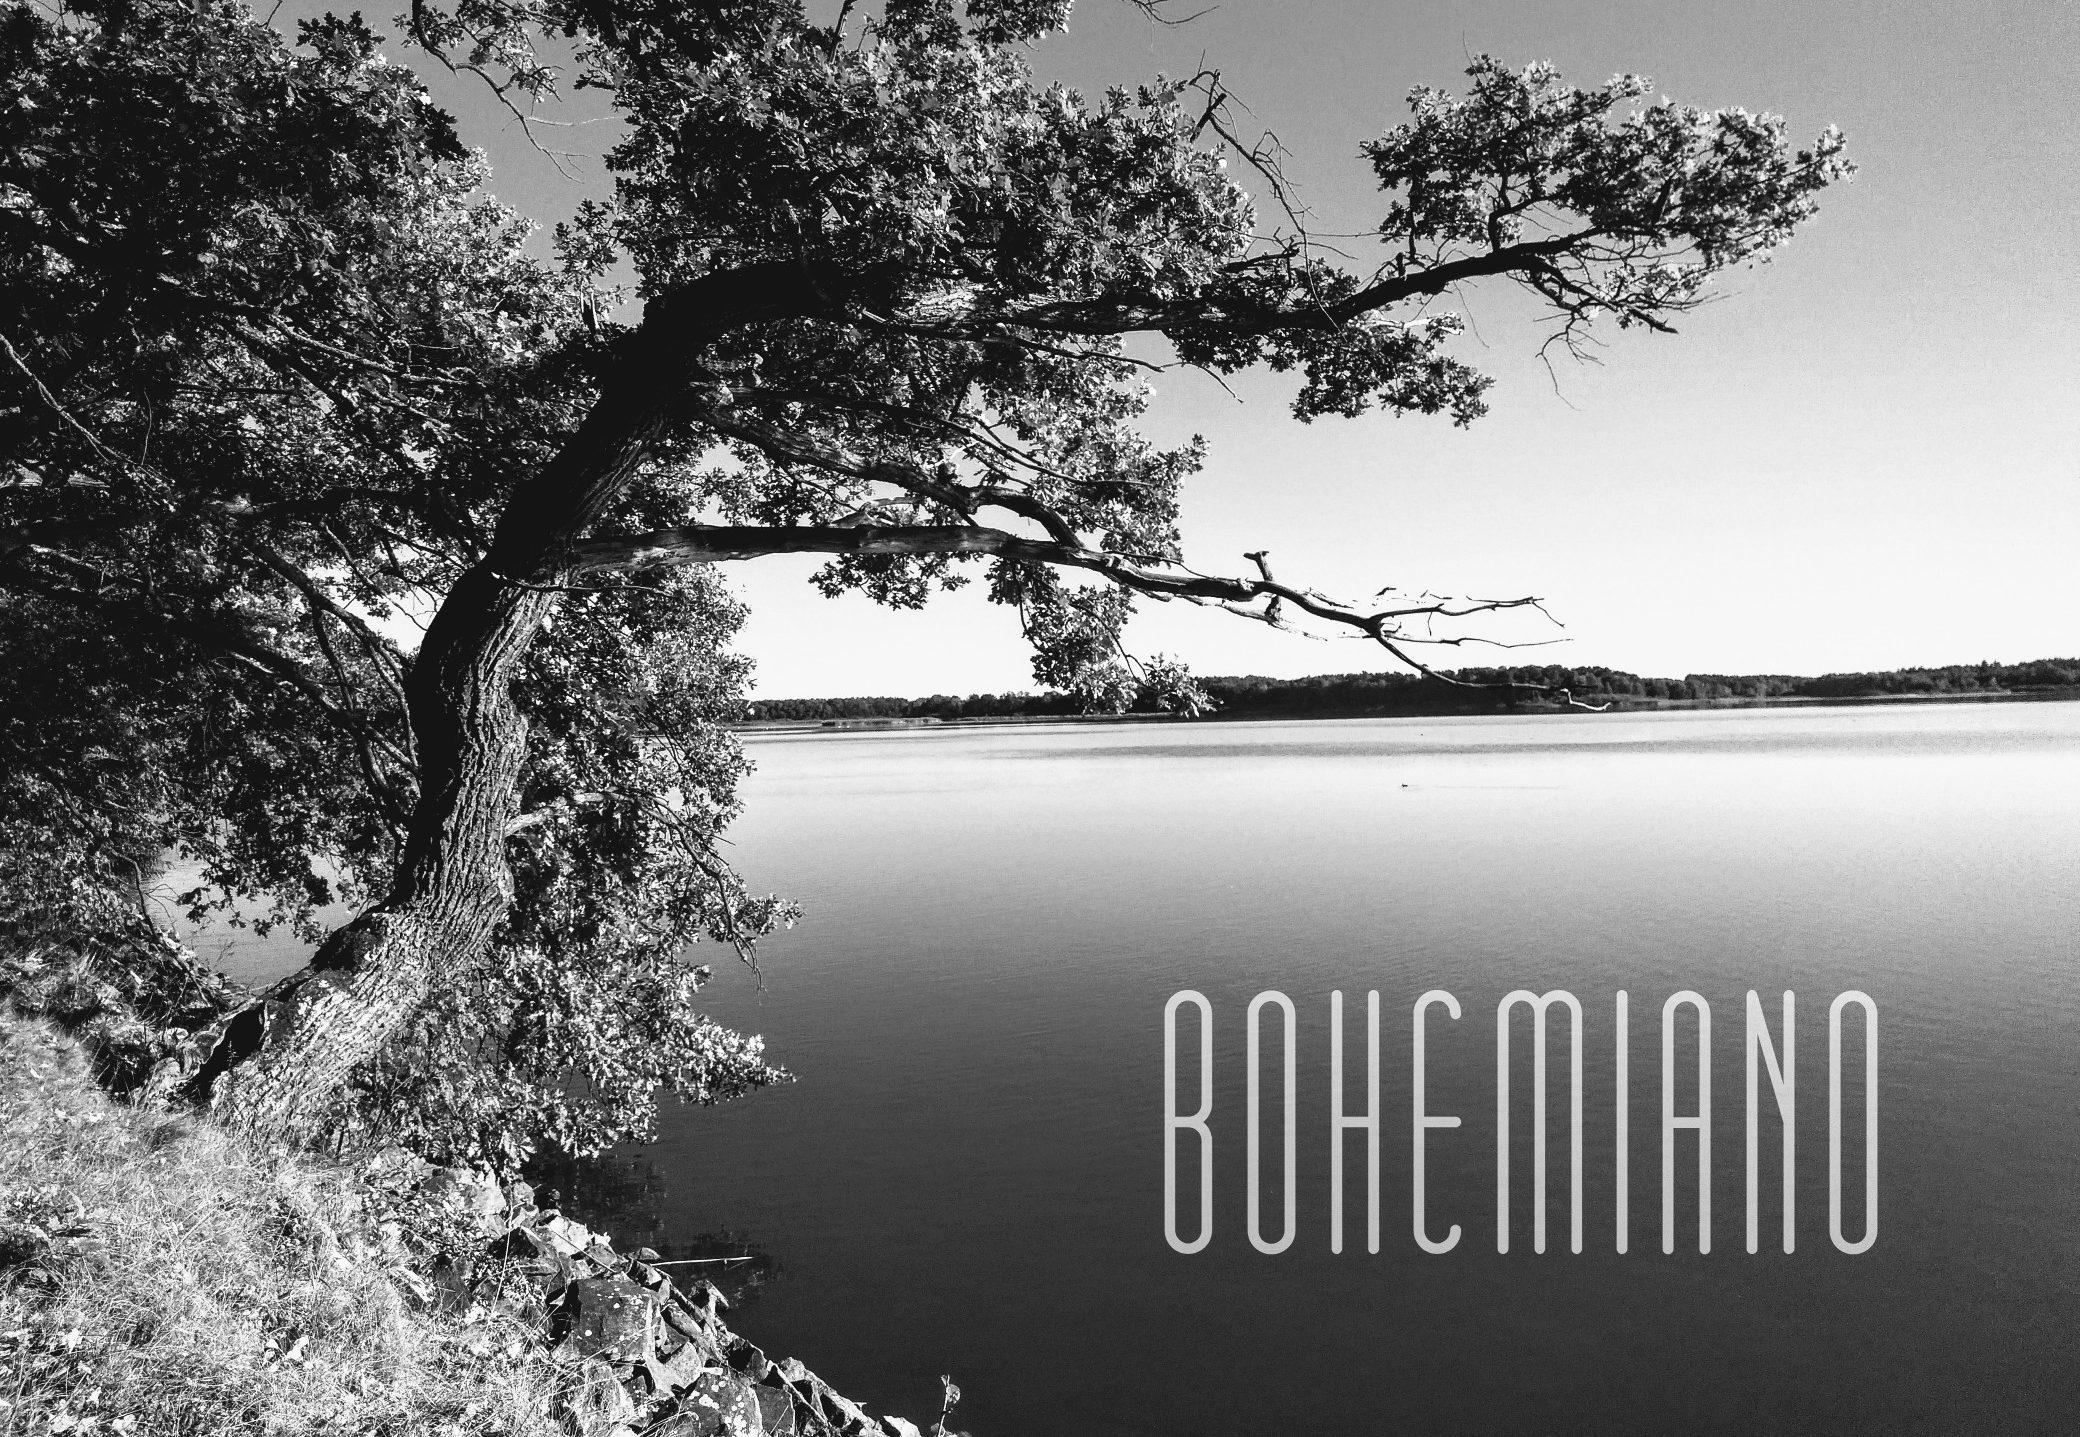 Bohemiano